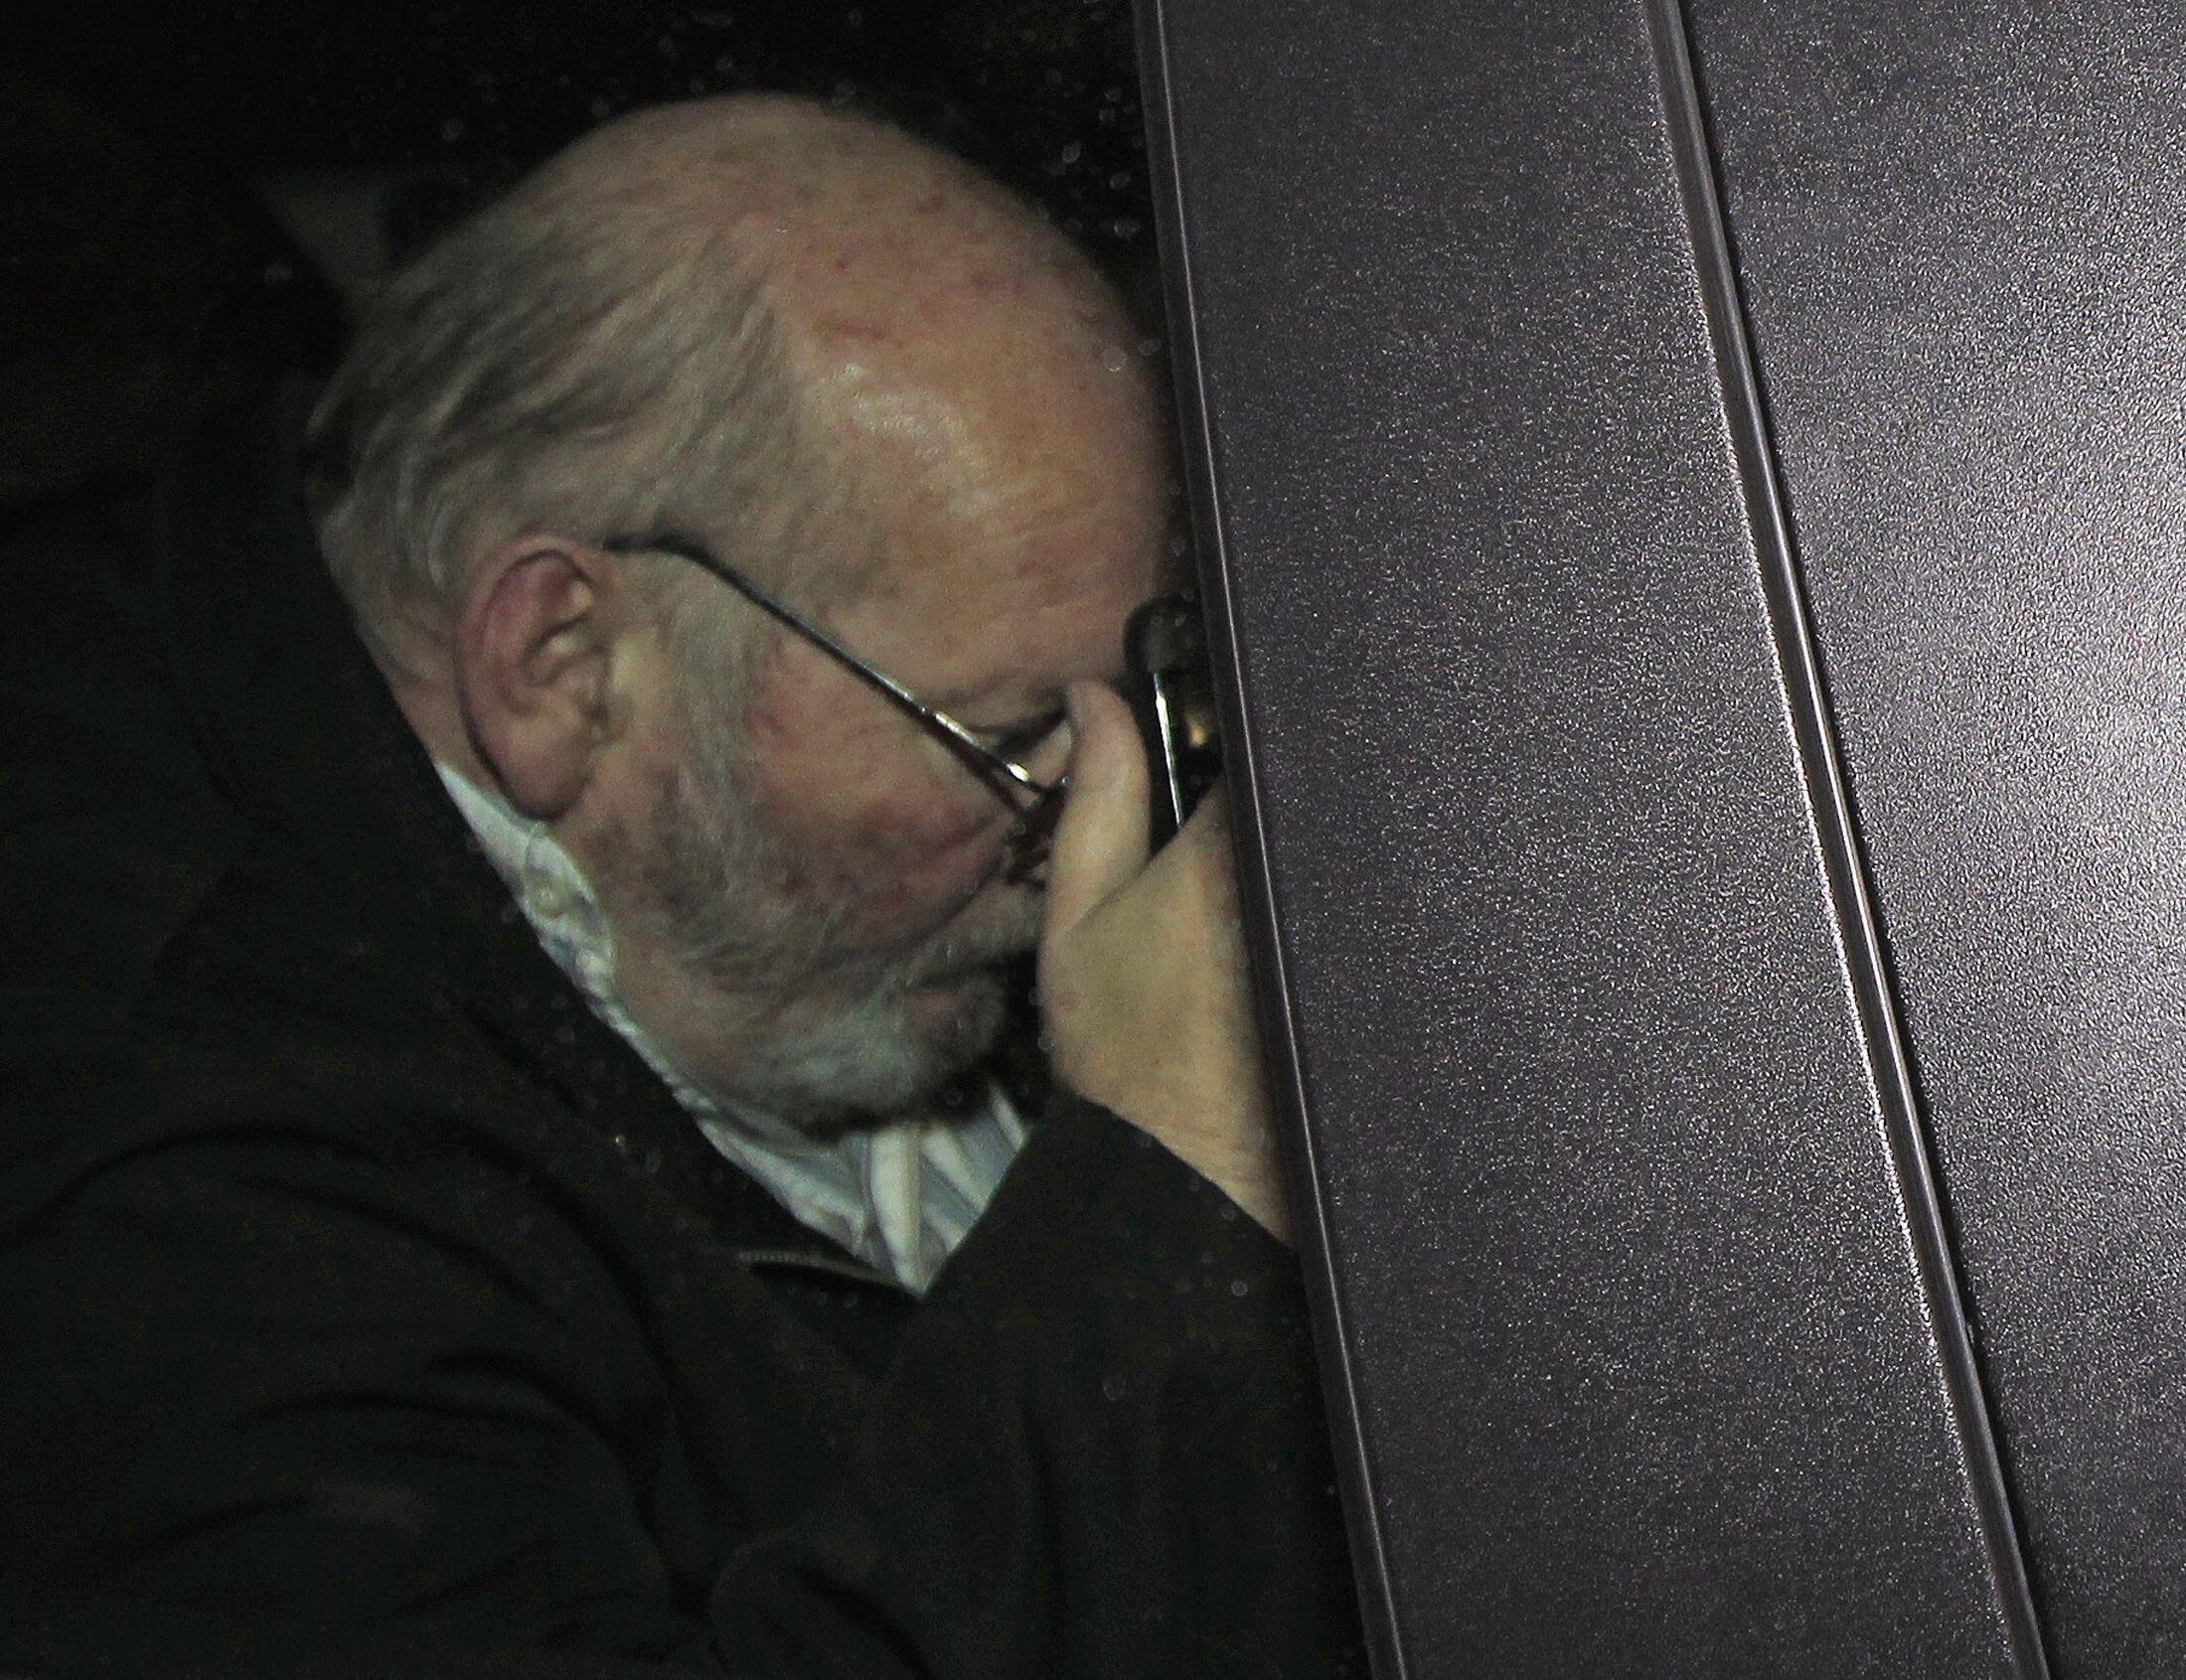 Empresário foi preso ontem e libertado no final da noite, após interrogatório.